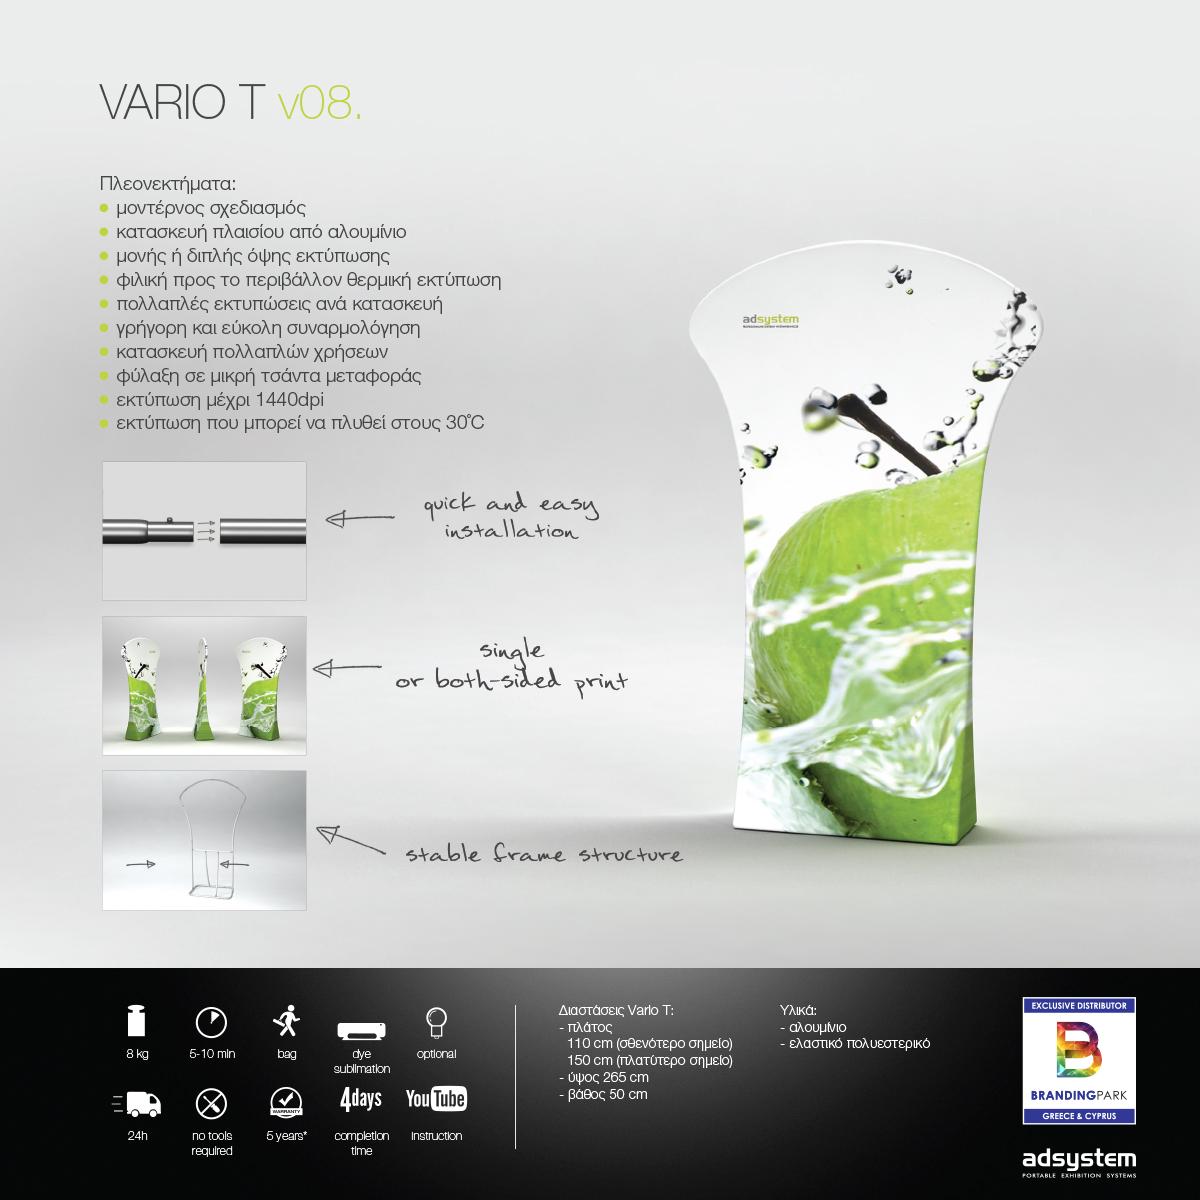 υφασμάτινο backdrop Vario T v08 - Υφασμάτινο banner